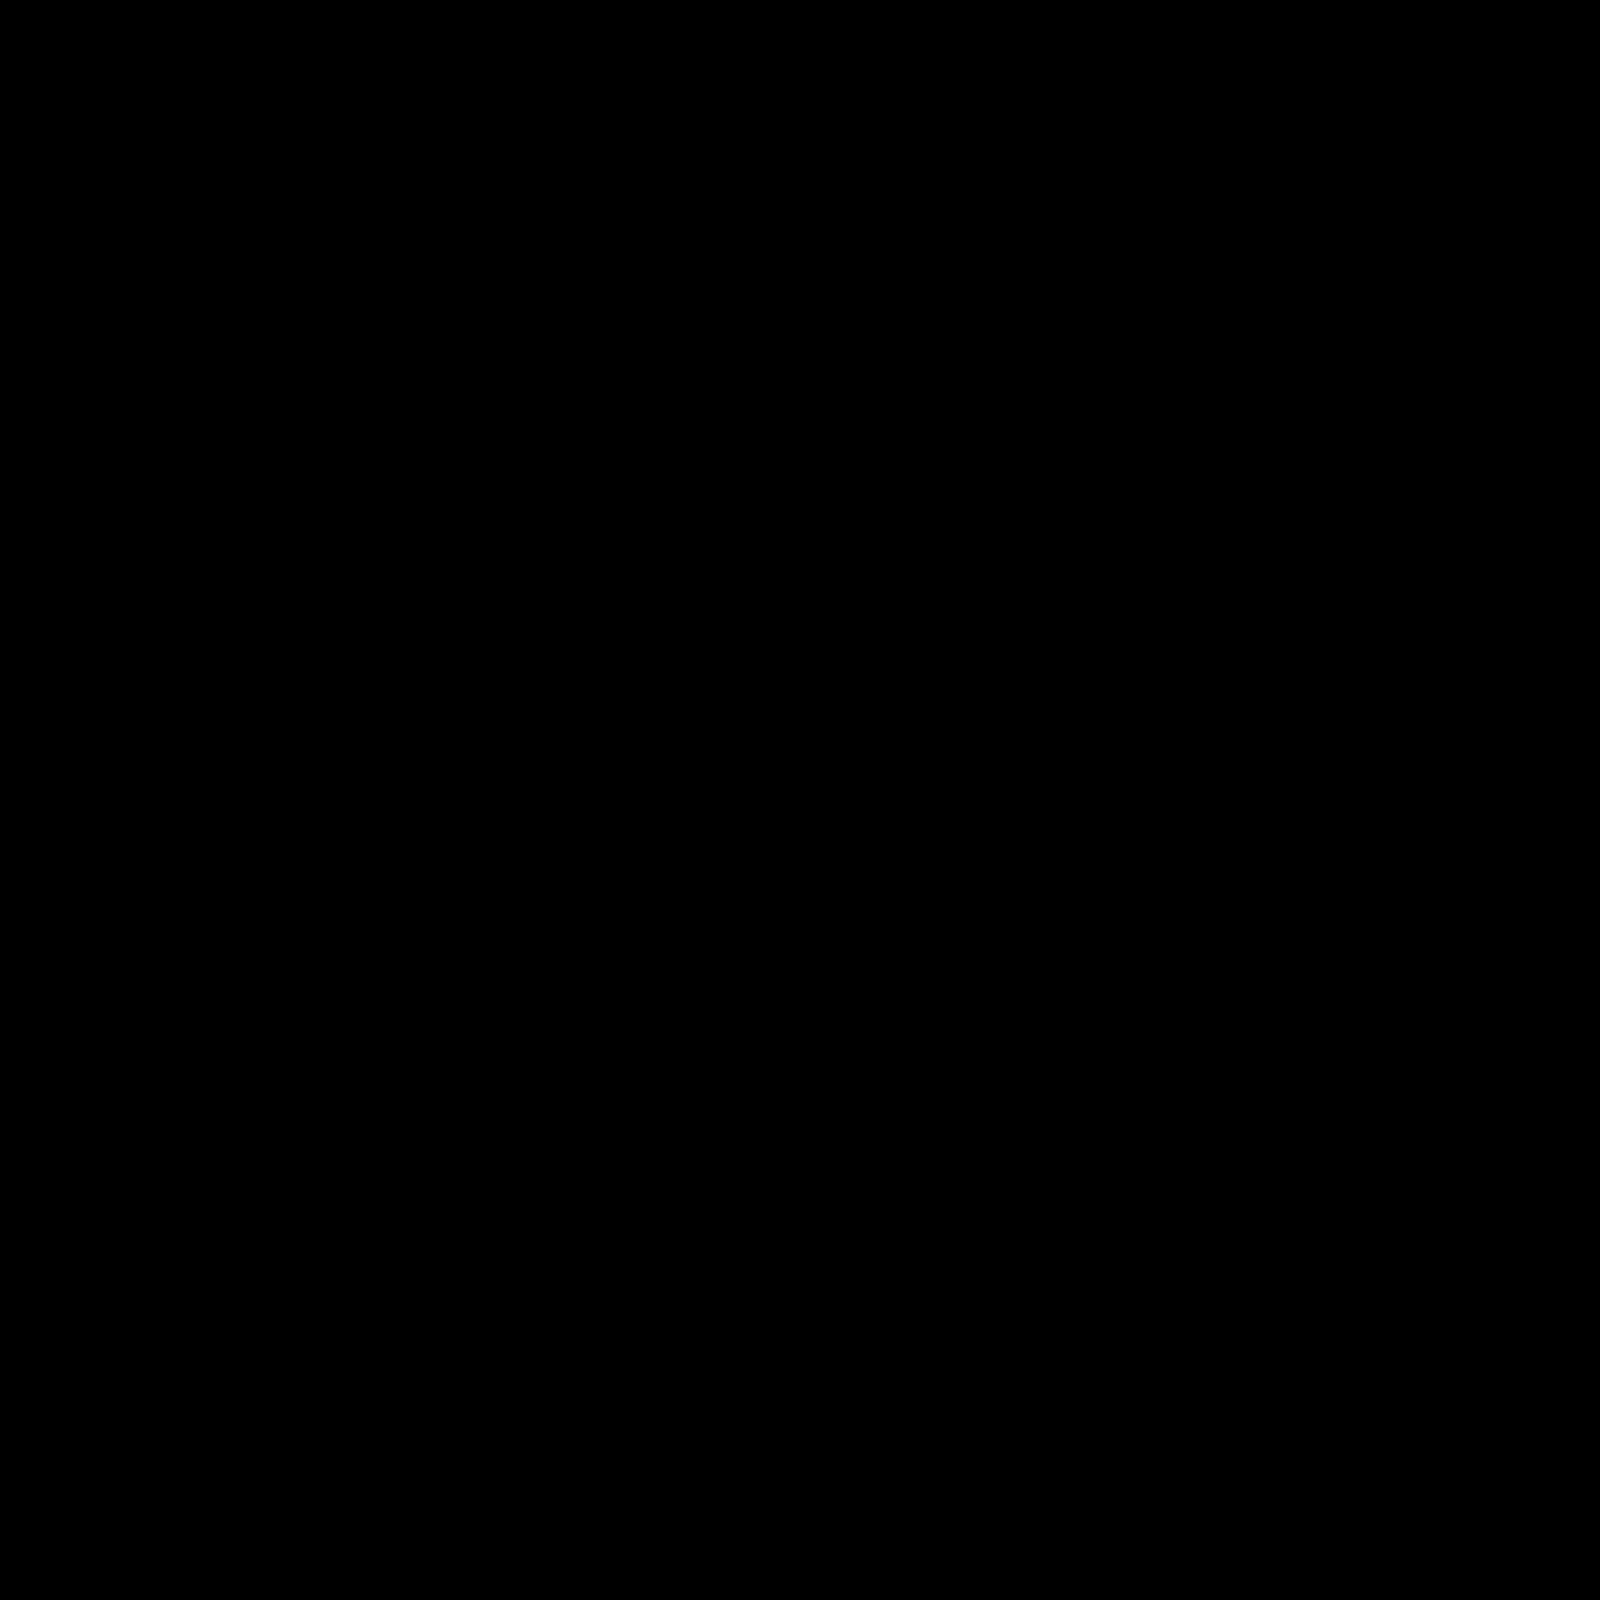 Chochla icon